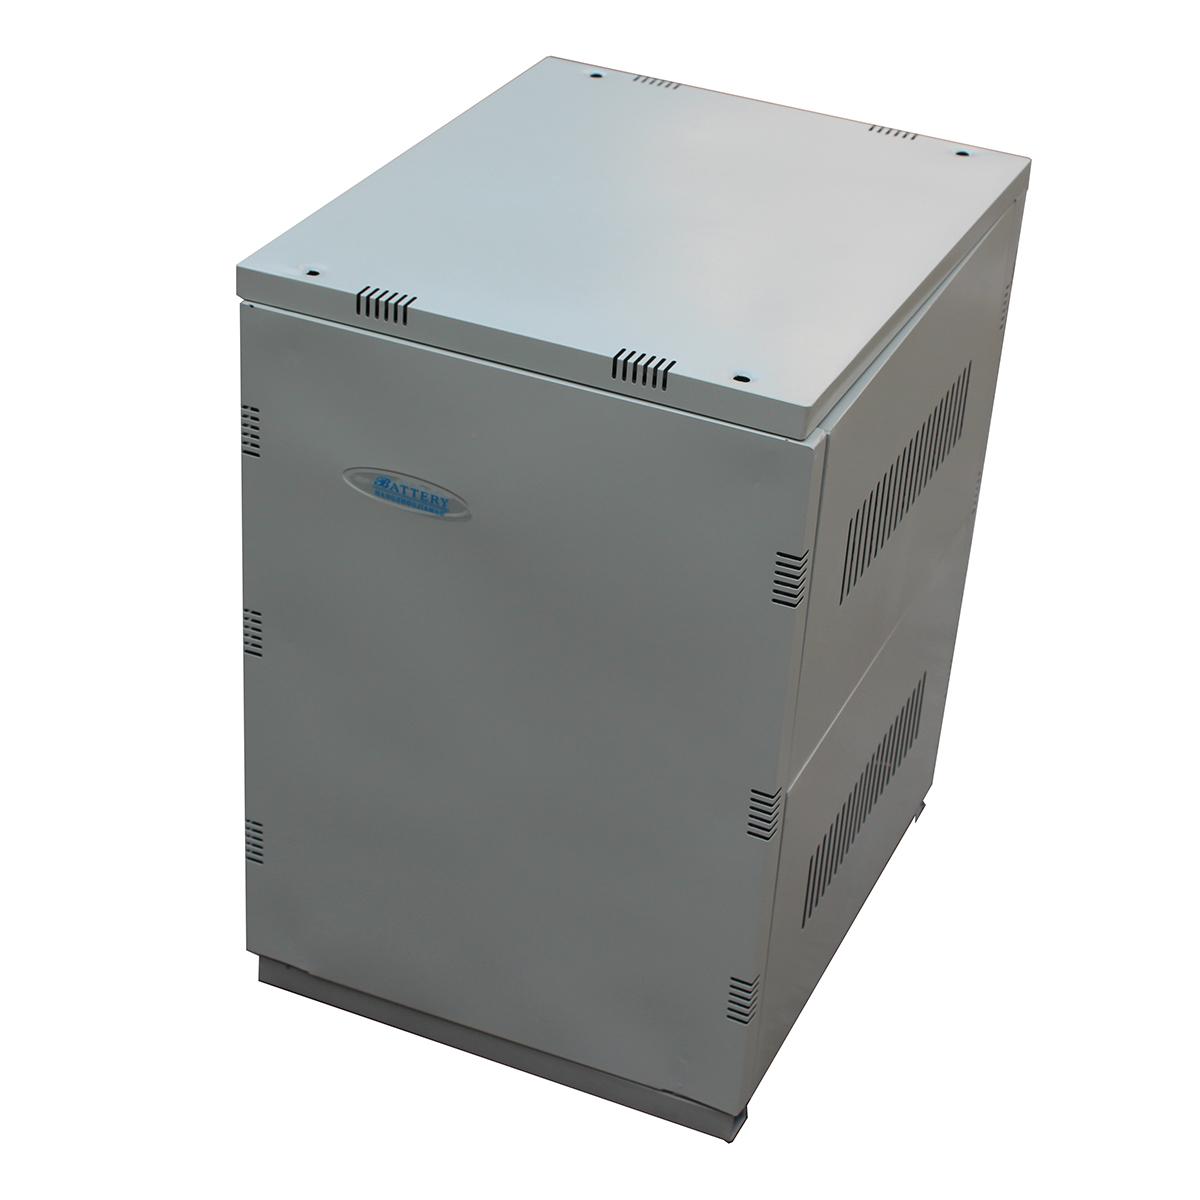 UPS батареи кабинета A6 может быть установлен только 100H65AH12 38AH16 только 24AH только 6